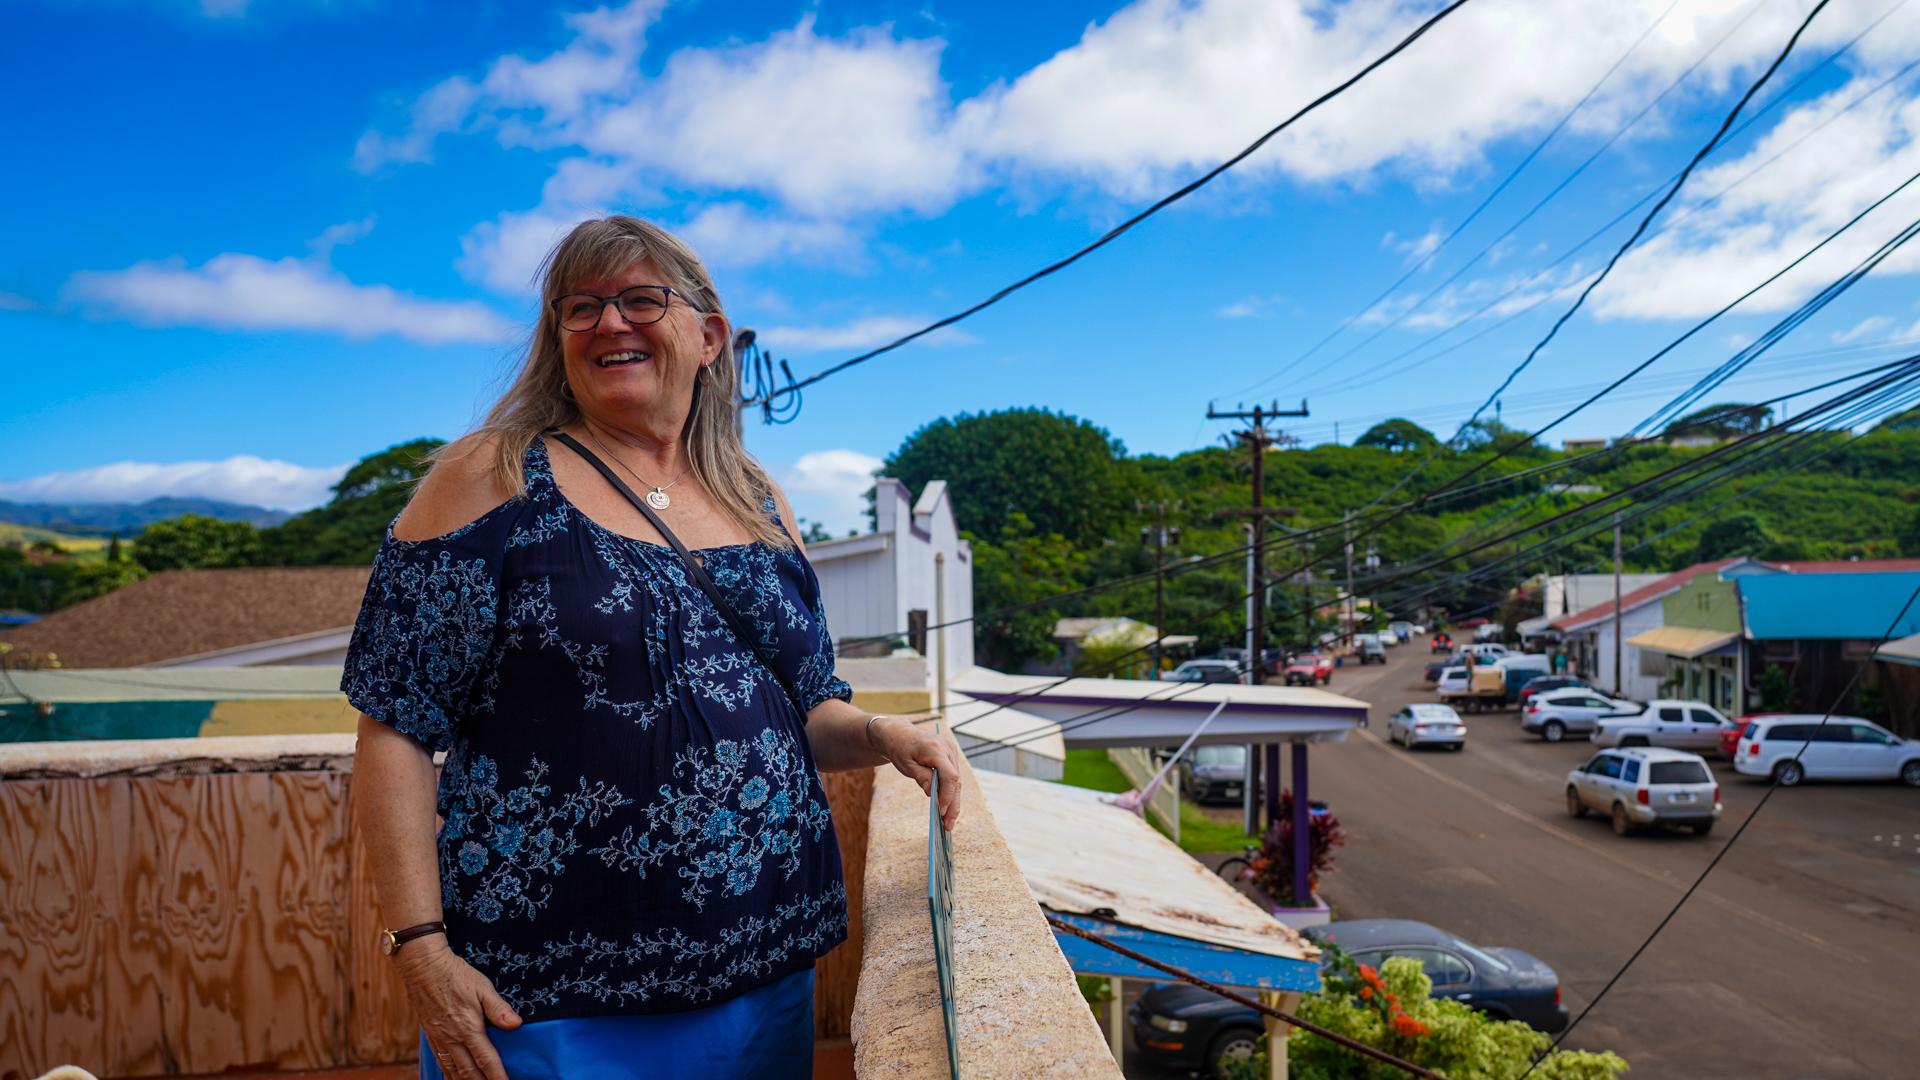 Hanapepe Kauai Fault Lines Aloha Theatre Lynn